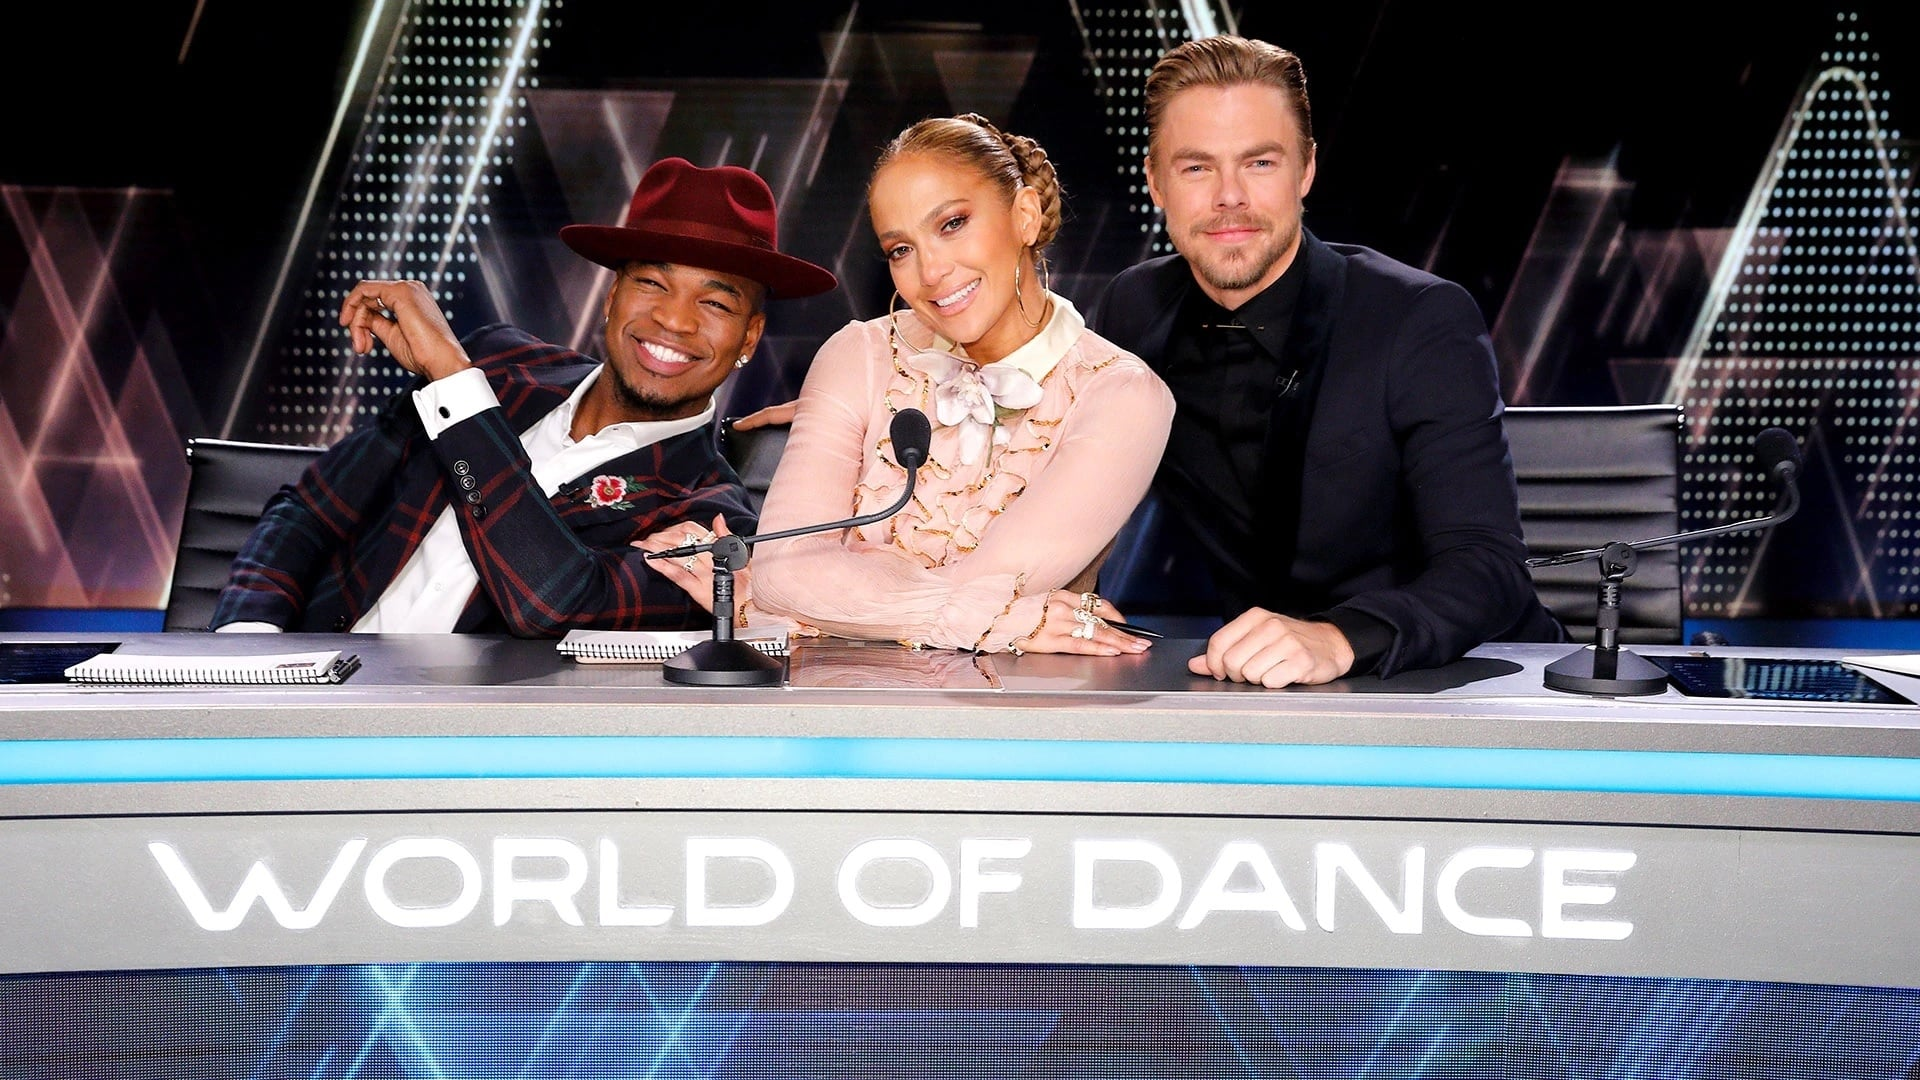 World of Dance • S02E01